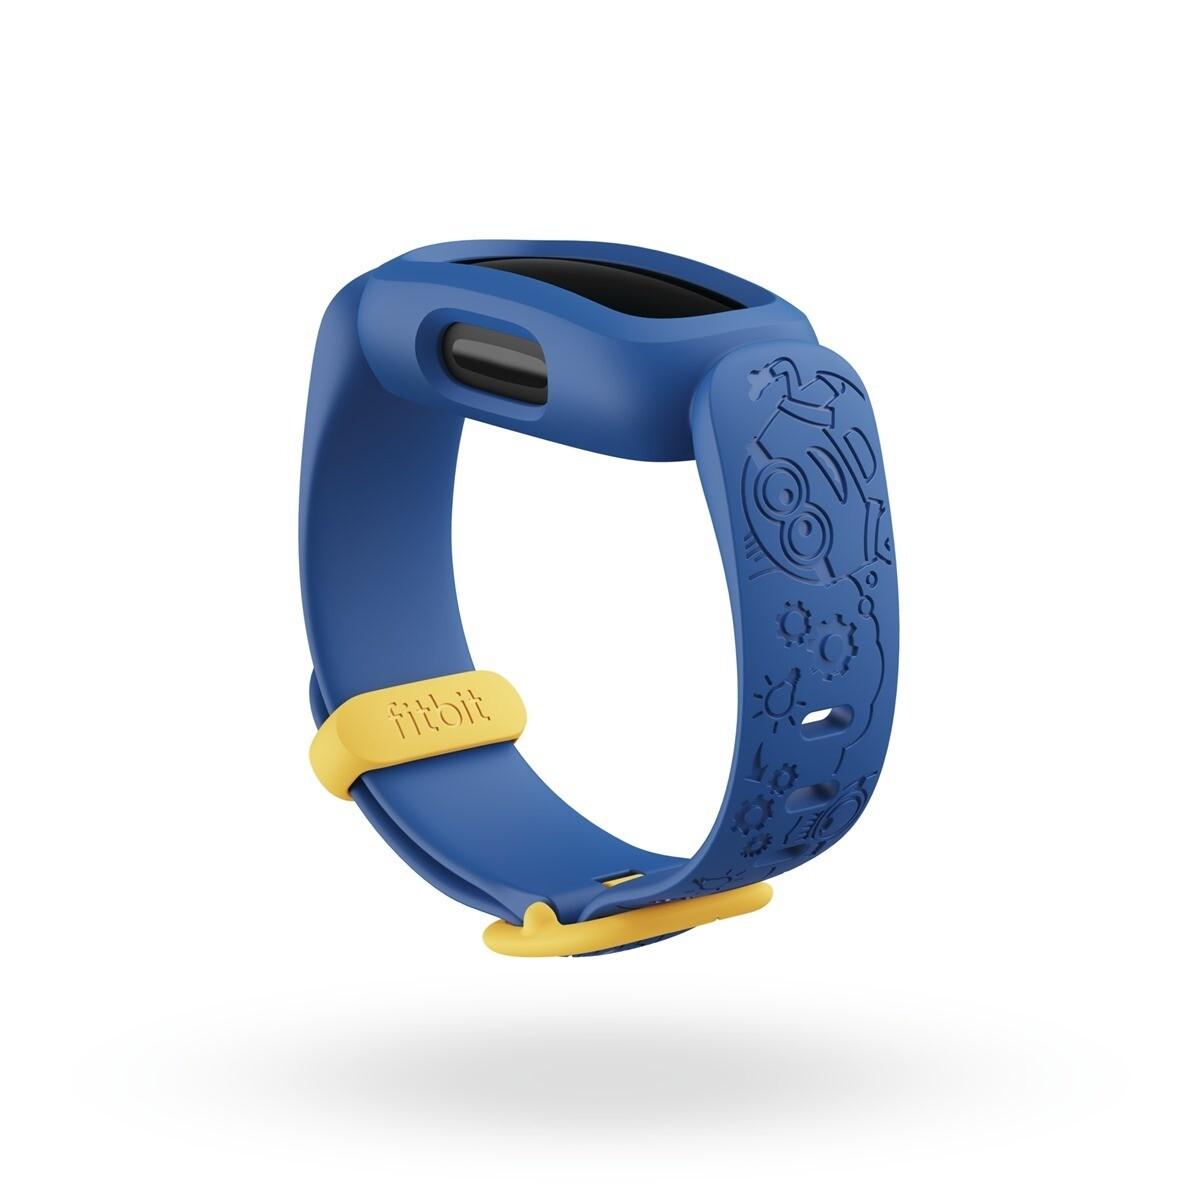 圖三 1:Fitbit 同步推出小小兵「神偷藍」和「淘氣黑」兩款錶帶配件讓更多孩子們透過小小兵的魅力充分展現個人風格,錶帶售價為新台幣-750-…_thumb.jpg @3C 達人廖阿輝